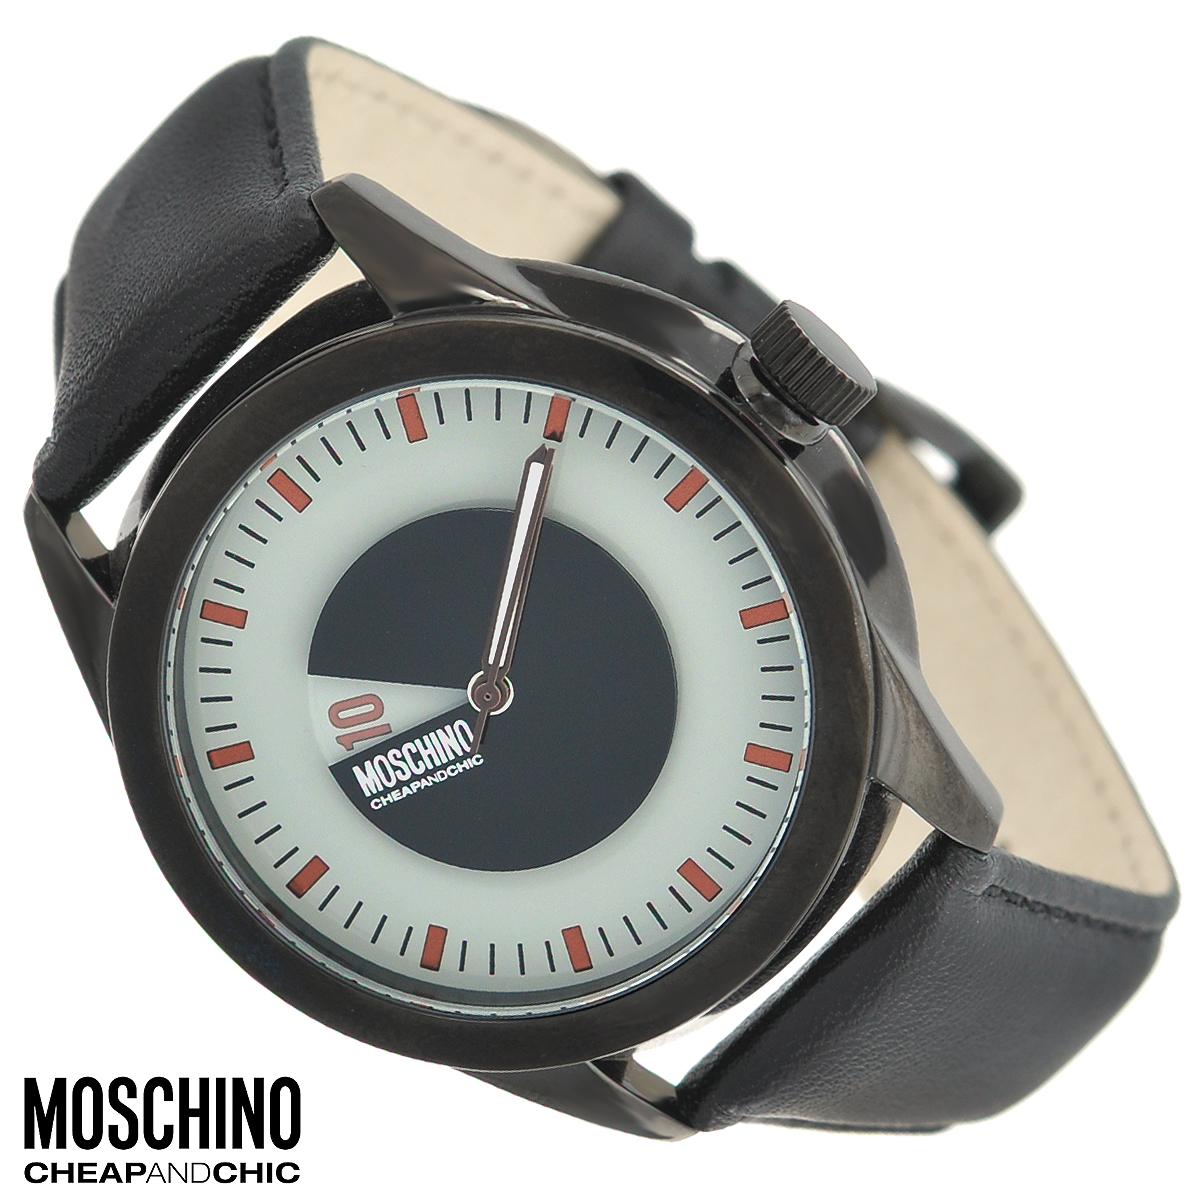 Часы наручные Moschino, цвет: черный. MW0340BM8434-58AEНаручные часы от известного итальянского бренда Moschino - это не только стильный и функциональный аксессуар, но и современные технологи, сочетающиеся с экстравагантным дизайном и индивидуальностью. Часы Moschino лаконичного дизайна оснащены кварцевым механизмом. Корпус выполнен из высококачественной нержавеющей стали. Циферблат с арабскими цифрами и отметками защищен минеральным стеклом. Часы имеют две стрелки - часовую и минутную. Ремешок часов выполнен из натуральной кожи и оснащен классической застежкой.Часы упакованы в фирменную металлическую коробку с логотипом бренда. Часы Moschino благодаря своему уникальному дизайну отличаются от часов других марок своеобразными циферблатами, функциональностью, а также набором уникальных технических свойств. Каждой модели присуща легкая экстравагантность, самобытность и, безусловно, великолепный вкус. Характеристики: Диаметр циферблата: 3,5 см.Размер корпуса: 3,9 см х 3,9 см х 0,8 см.Длина ремешка (с корпусом): 26,5 см.Ширина ремешка: 2 см.